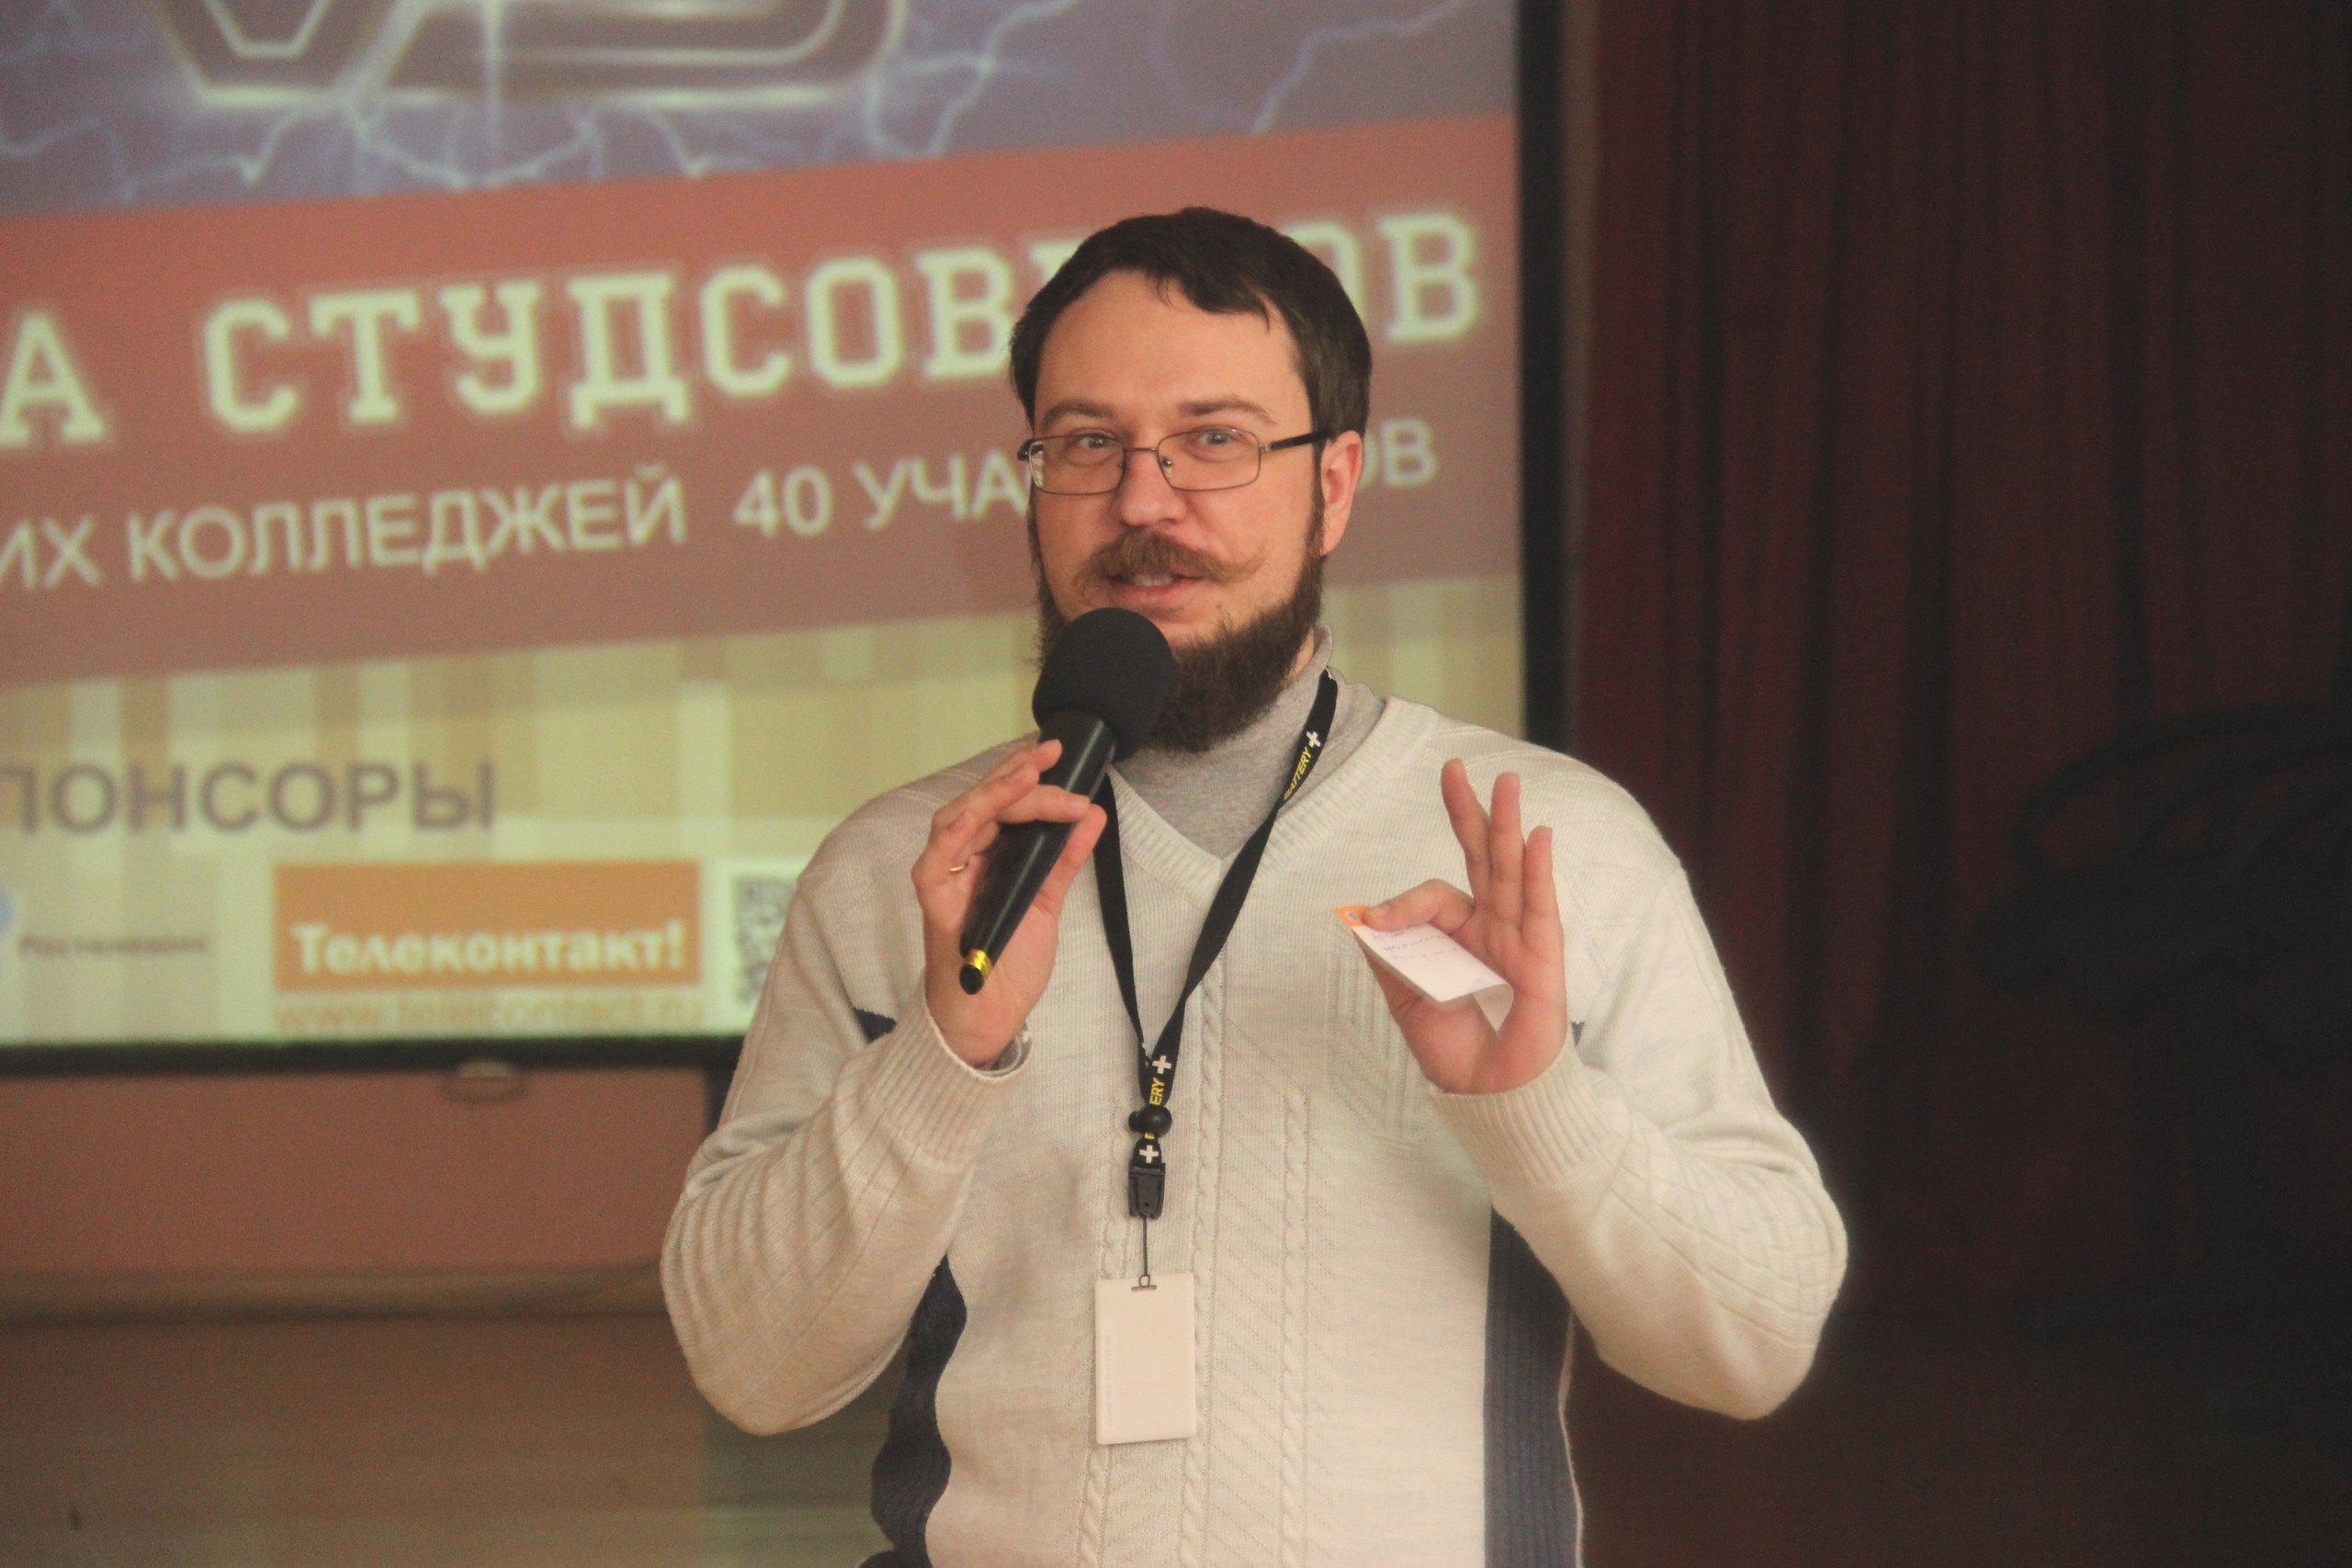 Юрий Зайцев: Молодежь должна чувствовать себя нужной